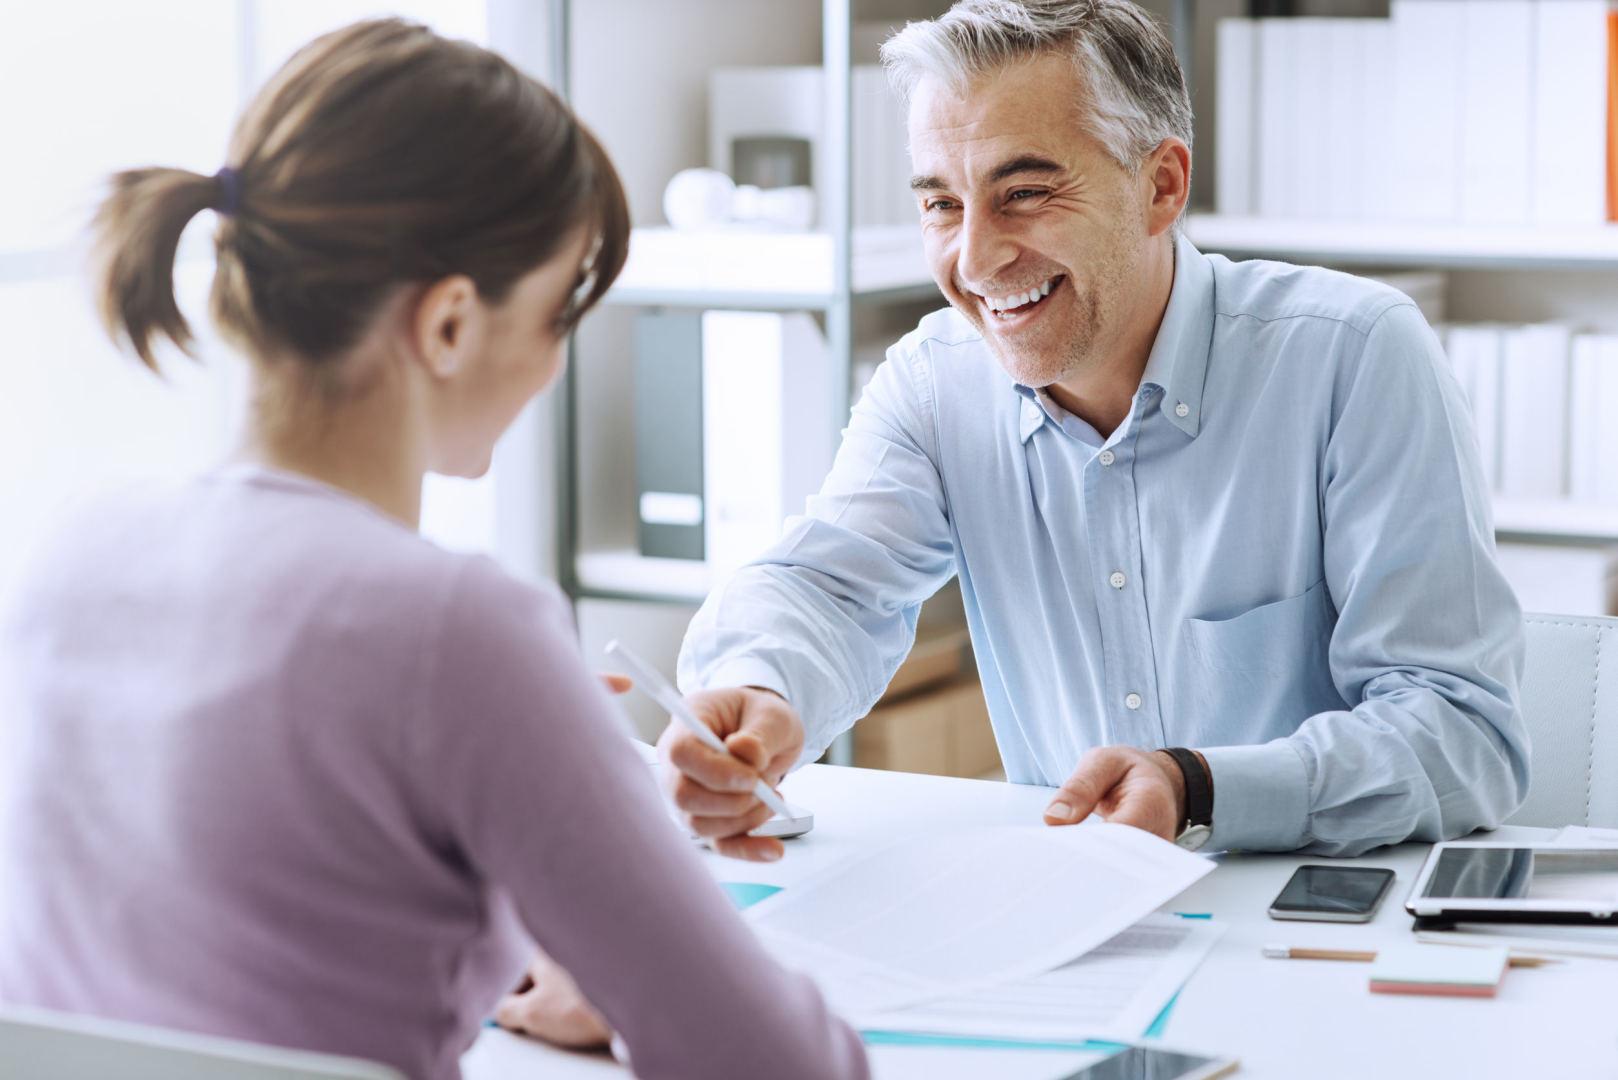 Svarbu žinoti kiekvienam darbuotojui: ką gali ir ko negali darbdavys karantino metu